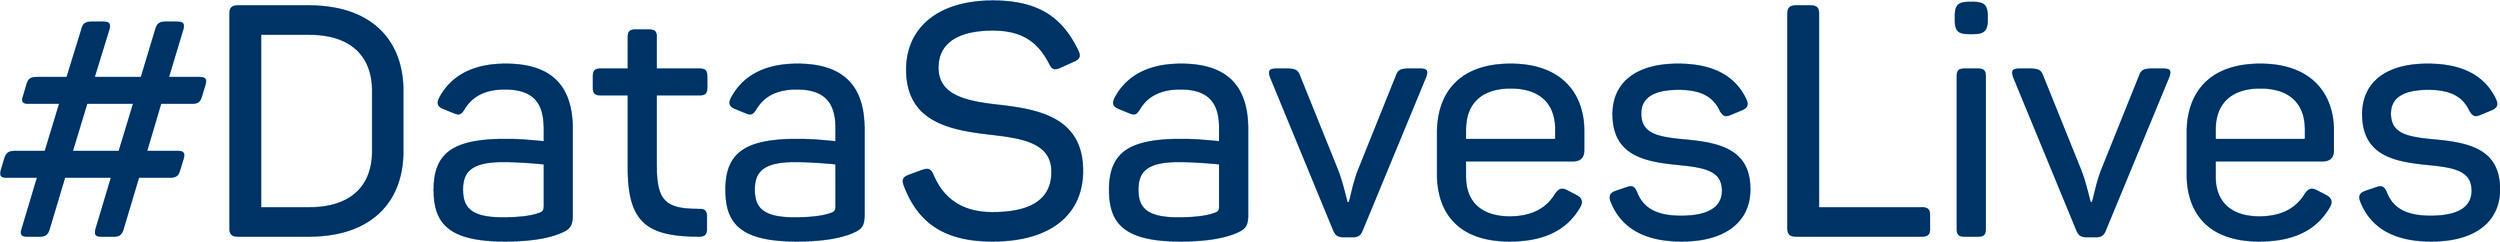 Data Saves Lives Hashtag Logo Blue.jpg